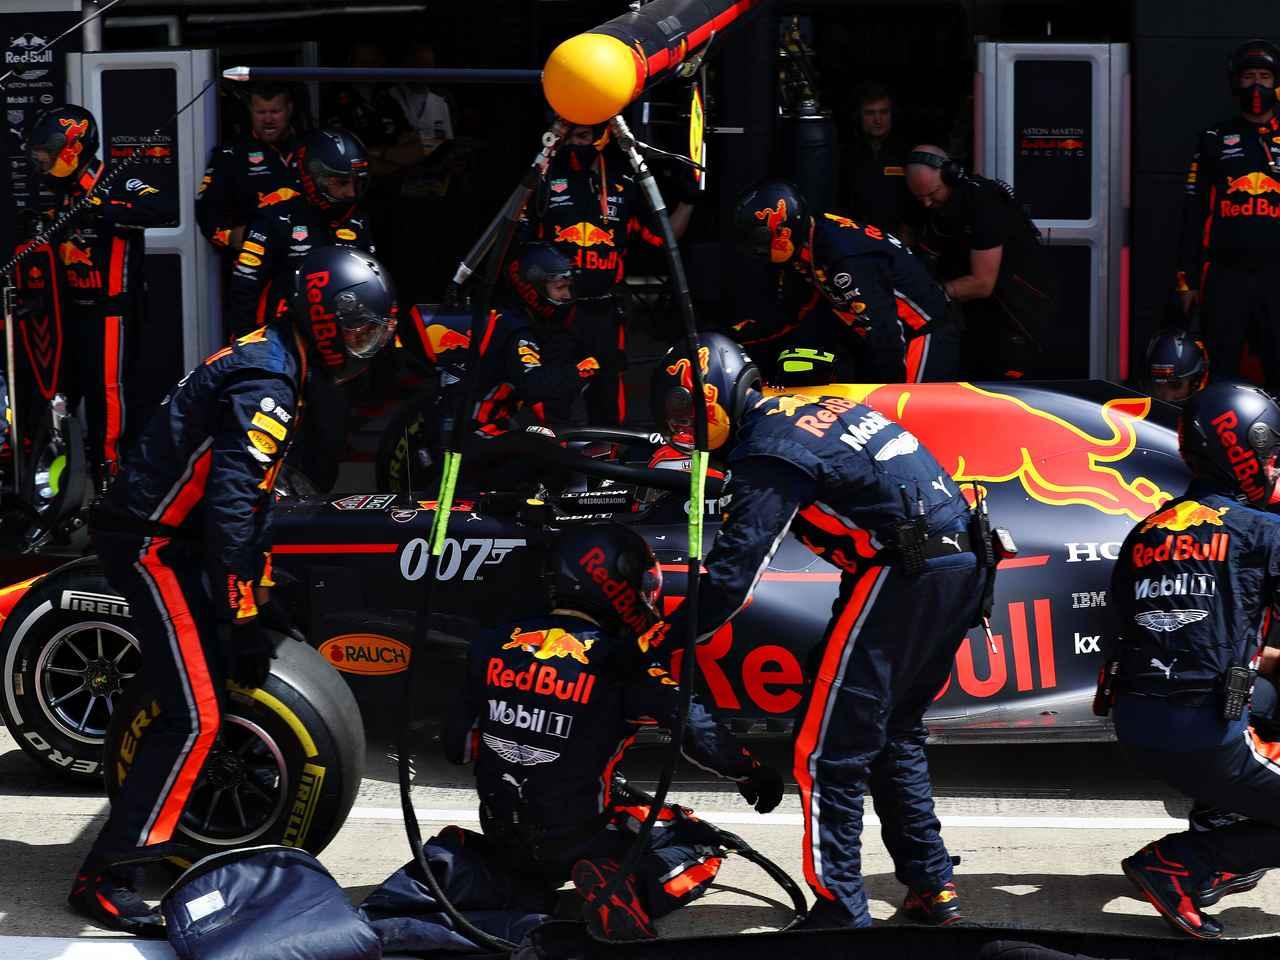 タイヤ交換わずか1秒91、レッドブルがイギリスGPで世界新記録を樹立【モータースポーツ】